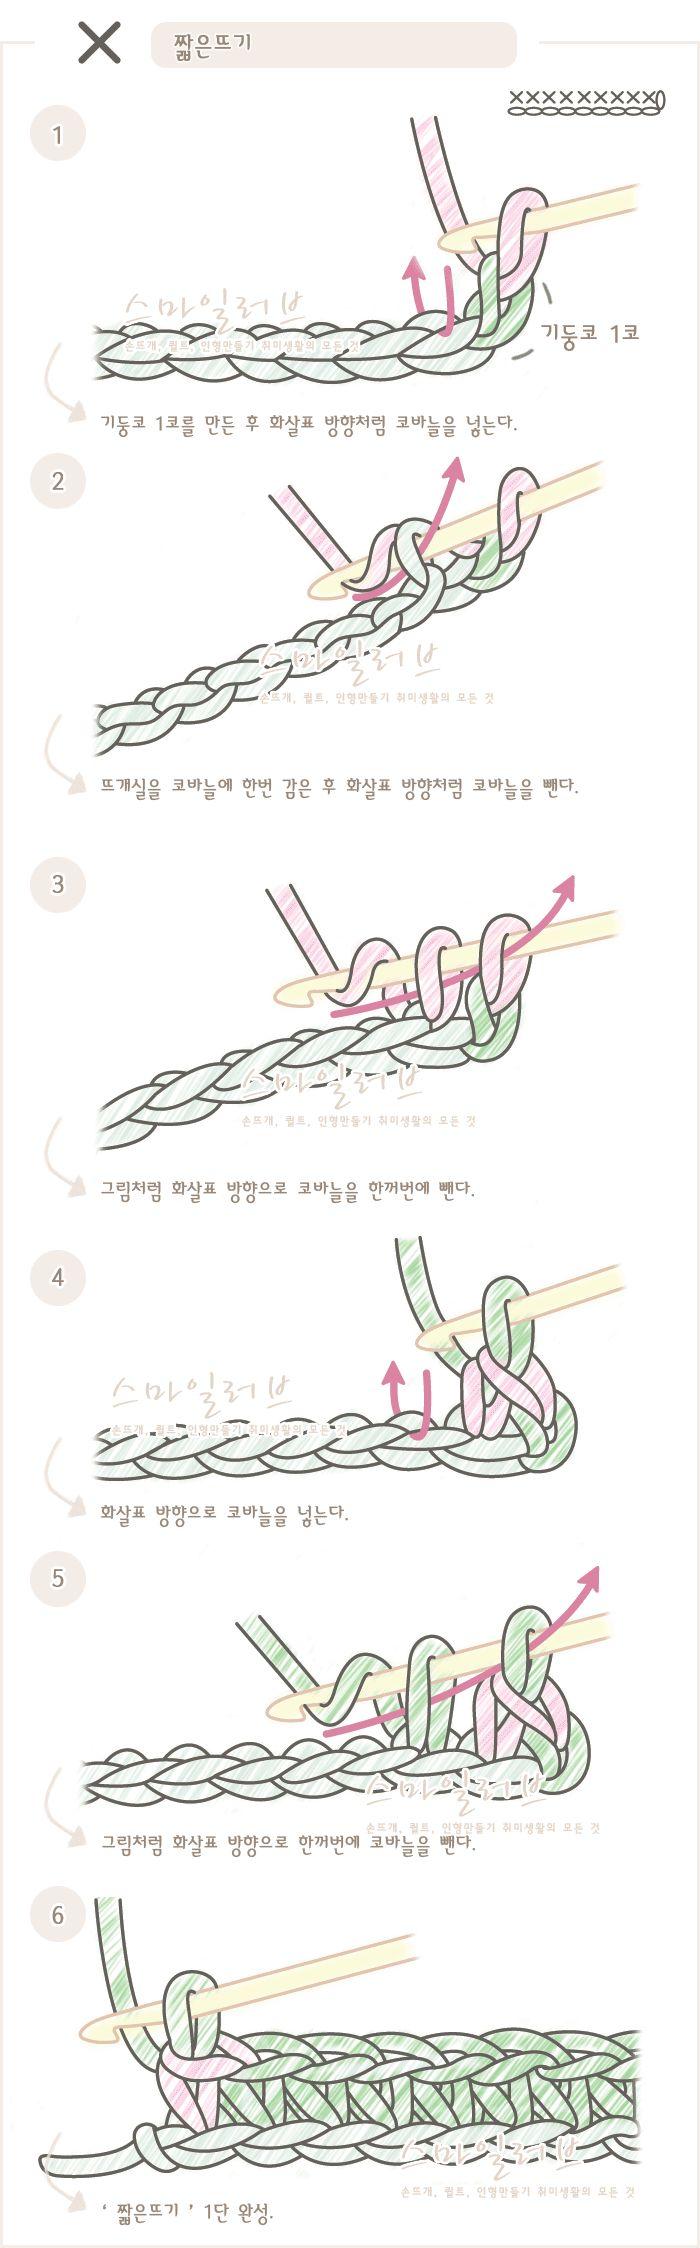 푸미스토리 손뜨개 뜨개실 털실 핸드메이드샵 - 코바늘 강좌 [[짧은뜨기]코바늘 도안기호와 뜨는 방법. 뜨개질(손뜨개) 무료강좌]